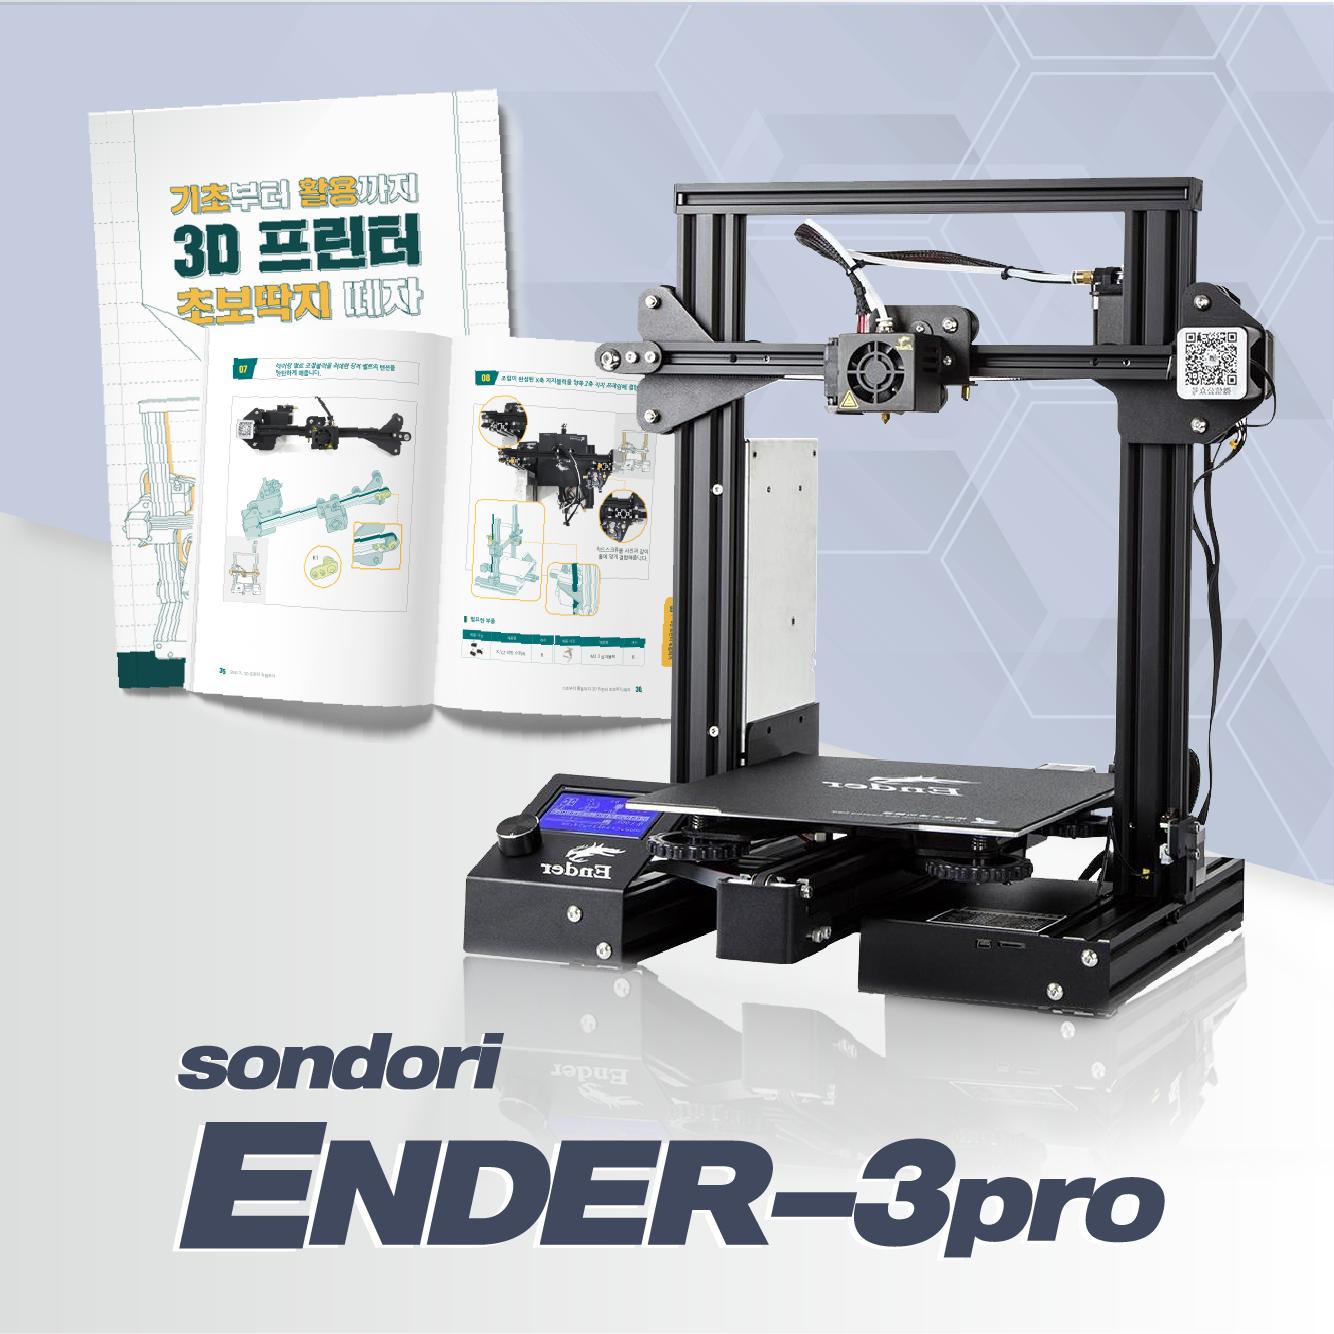 손도리닷컴 당일 발송 Ender3 Pro 한글교재 포함, Ender-3 Pro 예약 구매